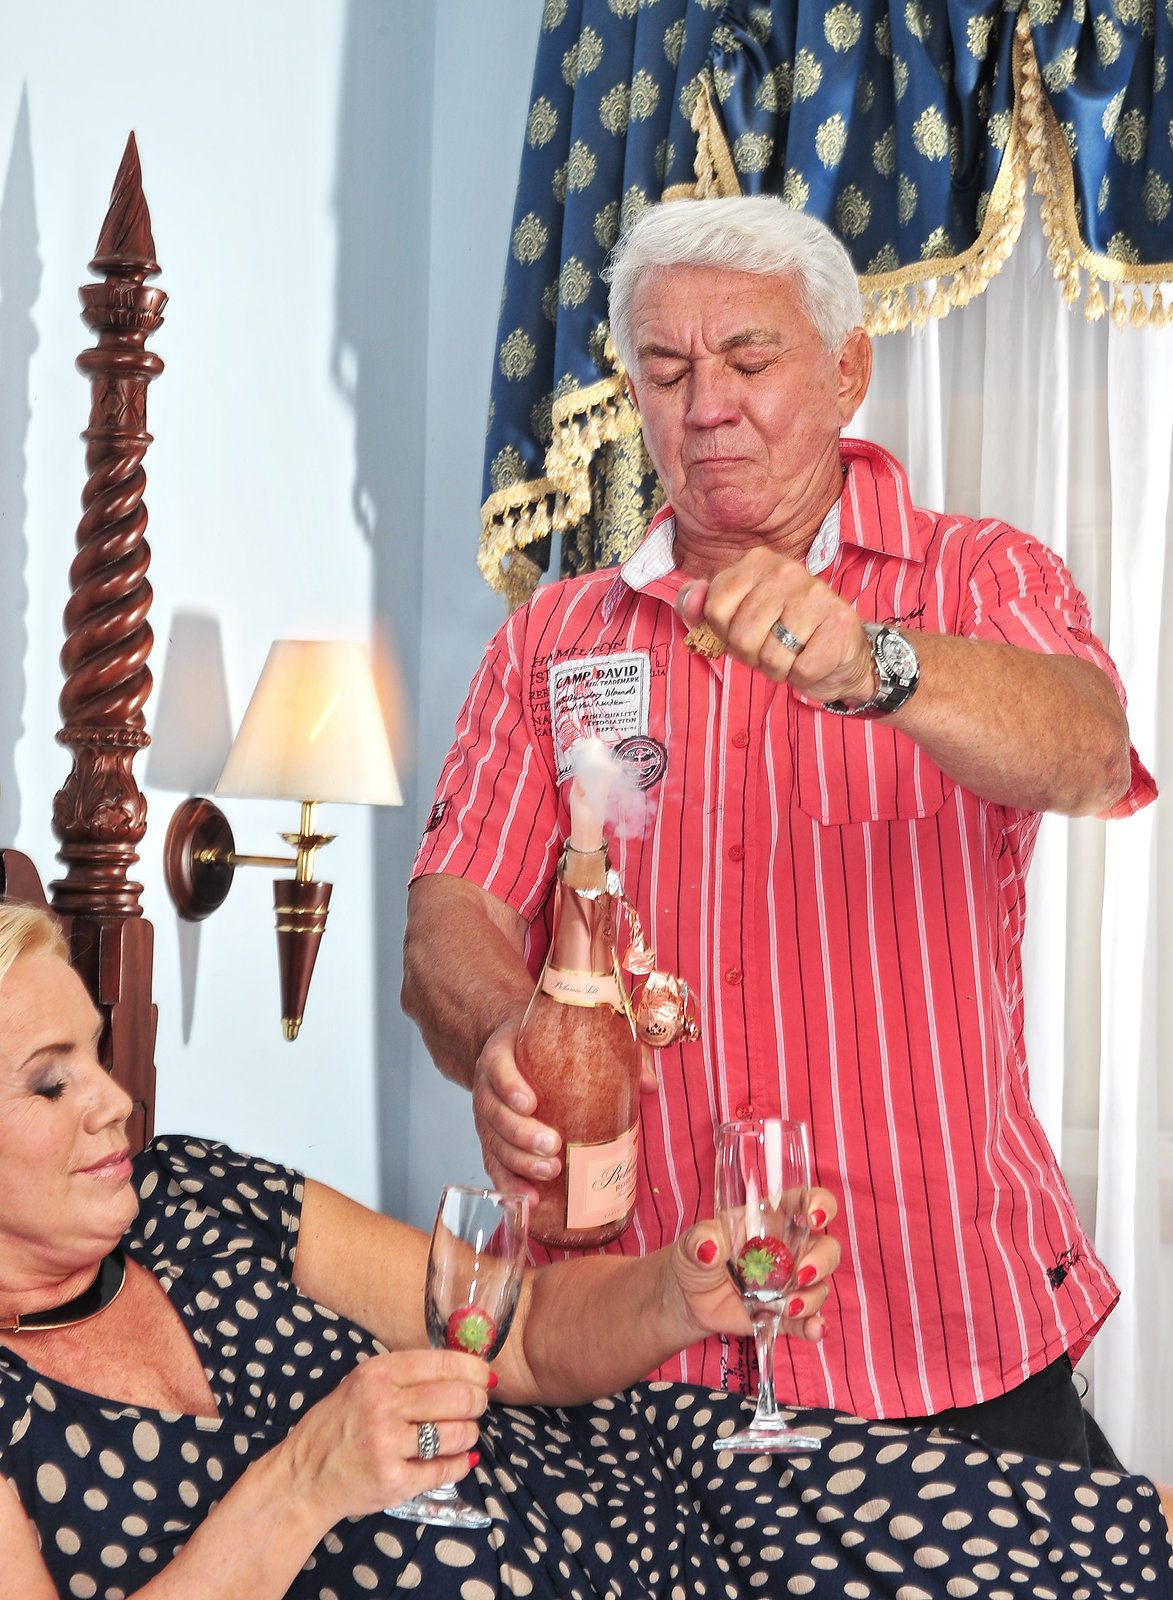 Šampaňské ale skončilo všude jinde než ve skleničkách...